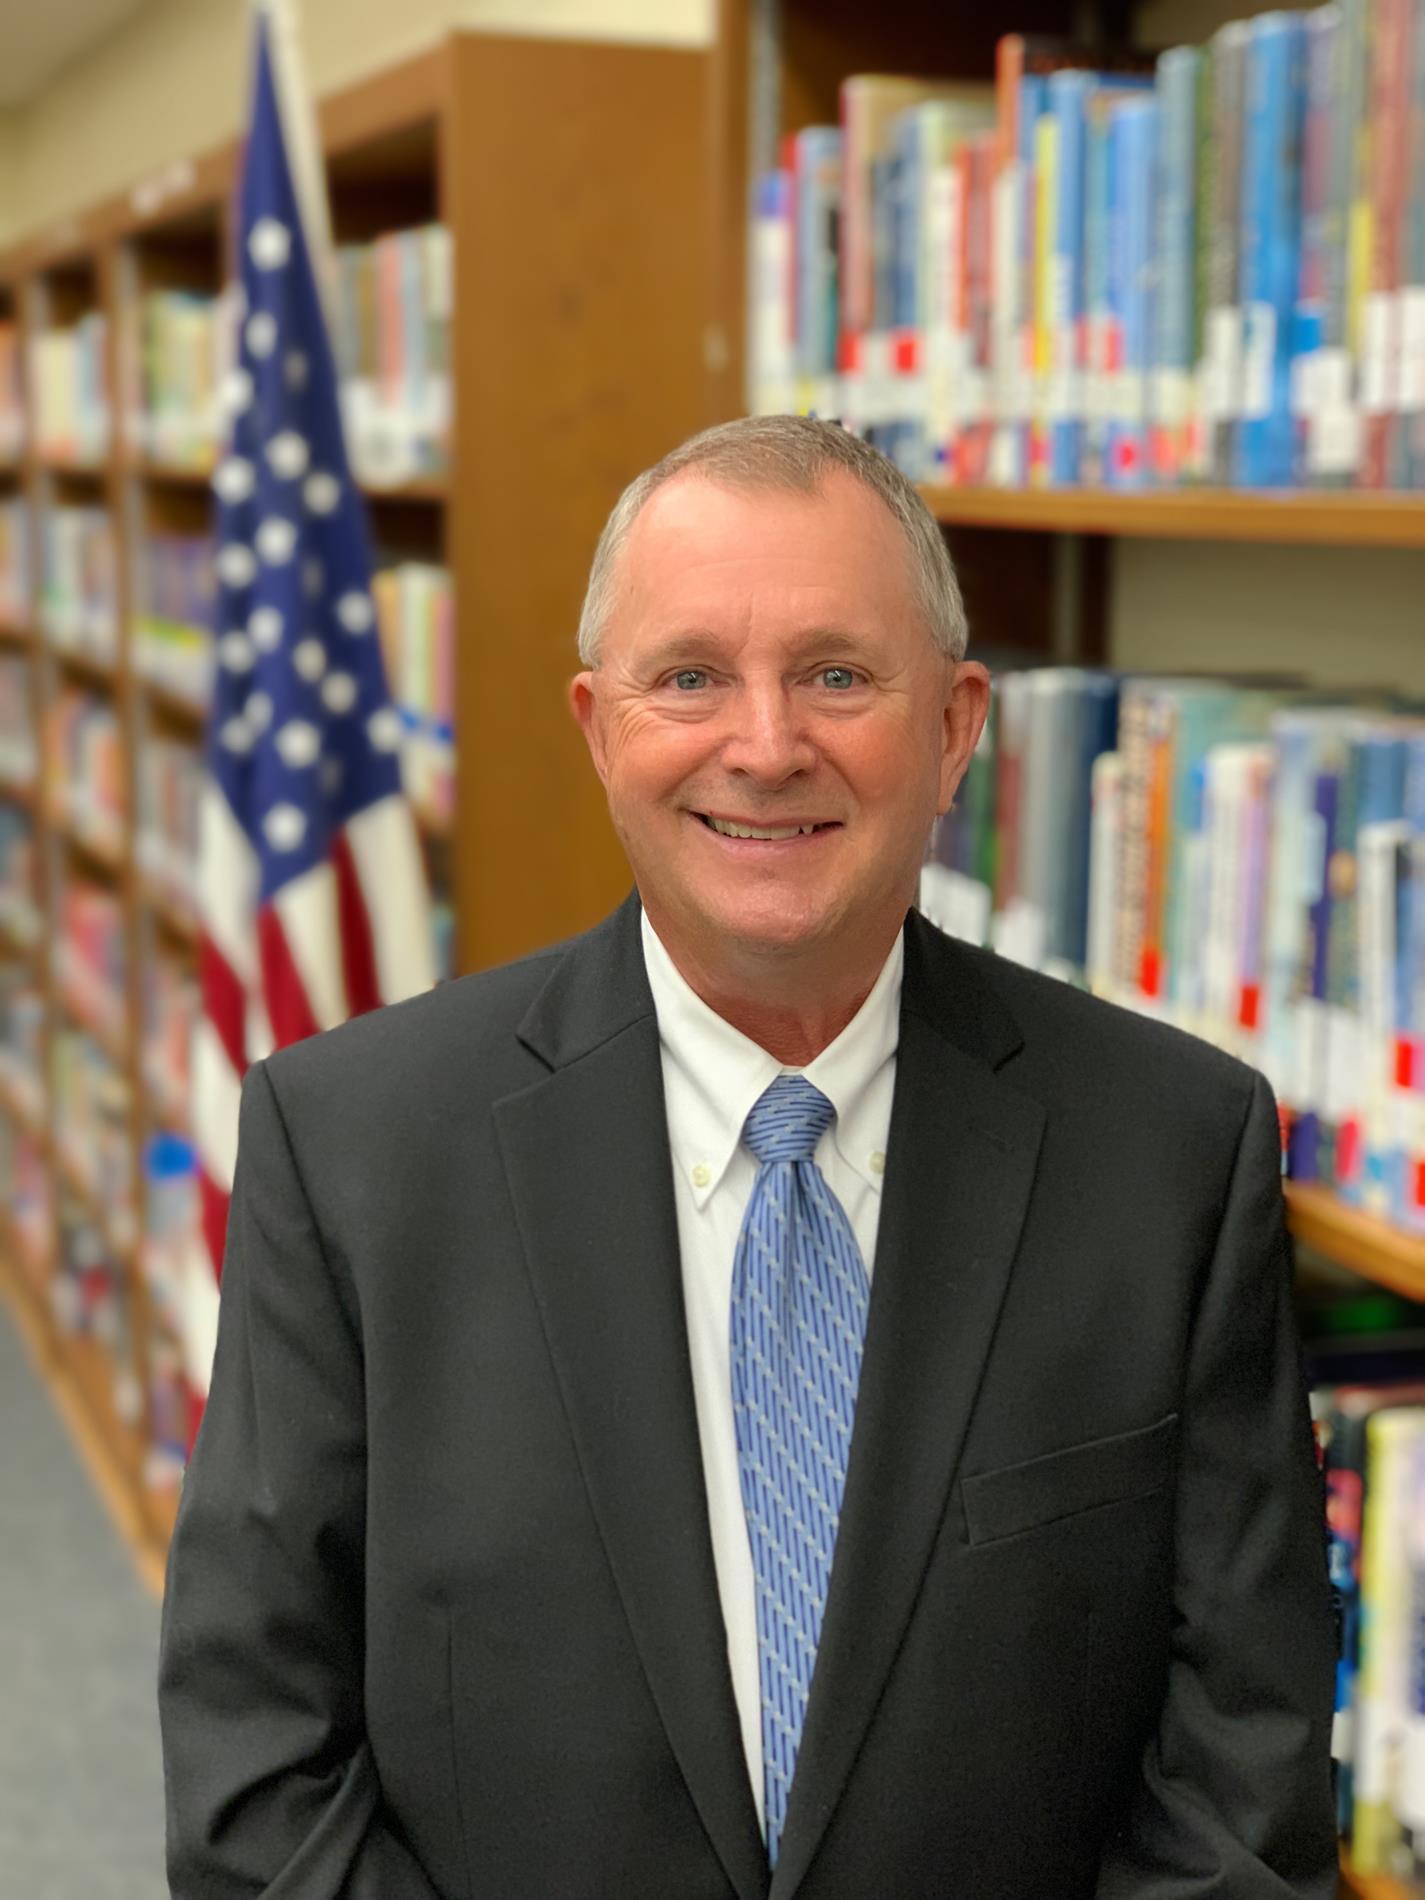 Mr. Norris Frank